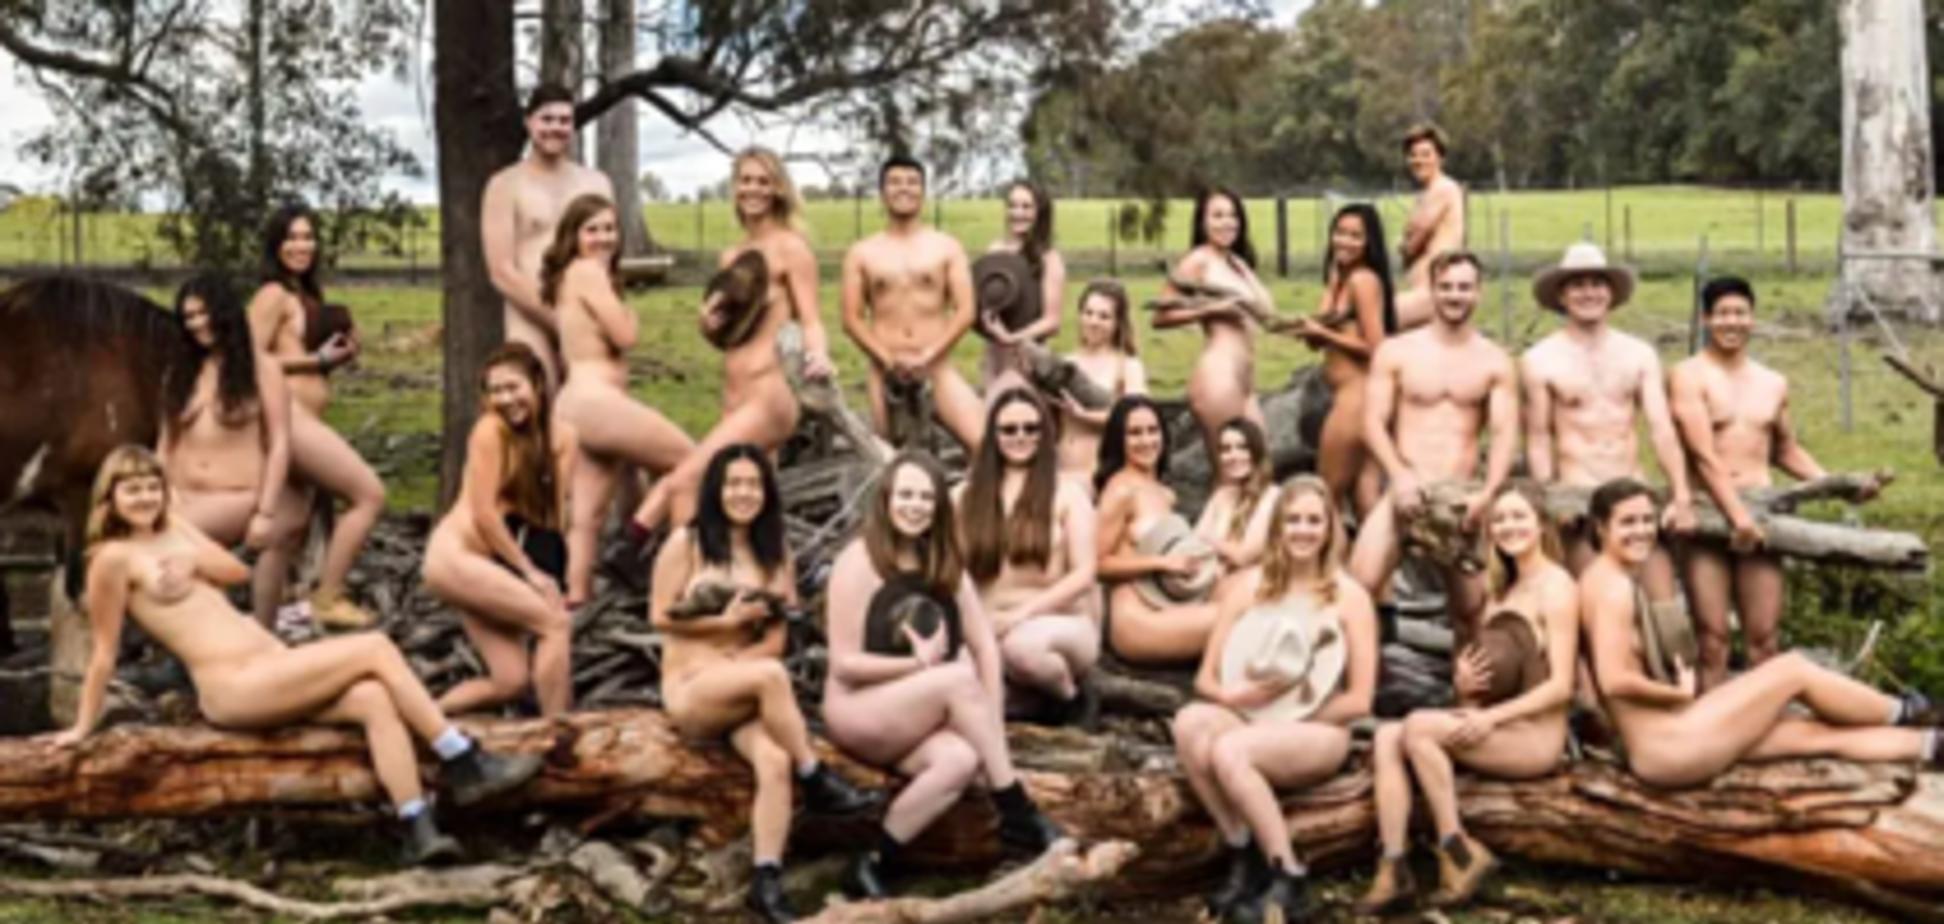 Прикрывались животными: голая фотосессия студентов попала в сеть. Фото 18+